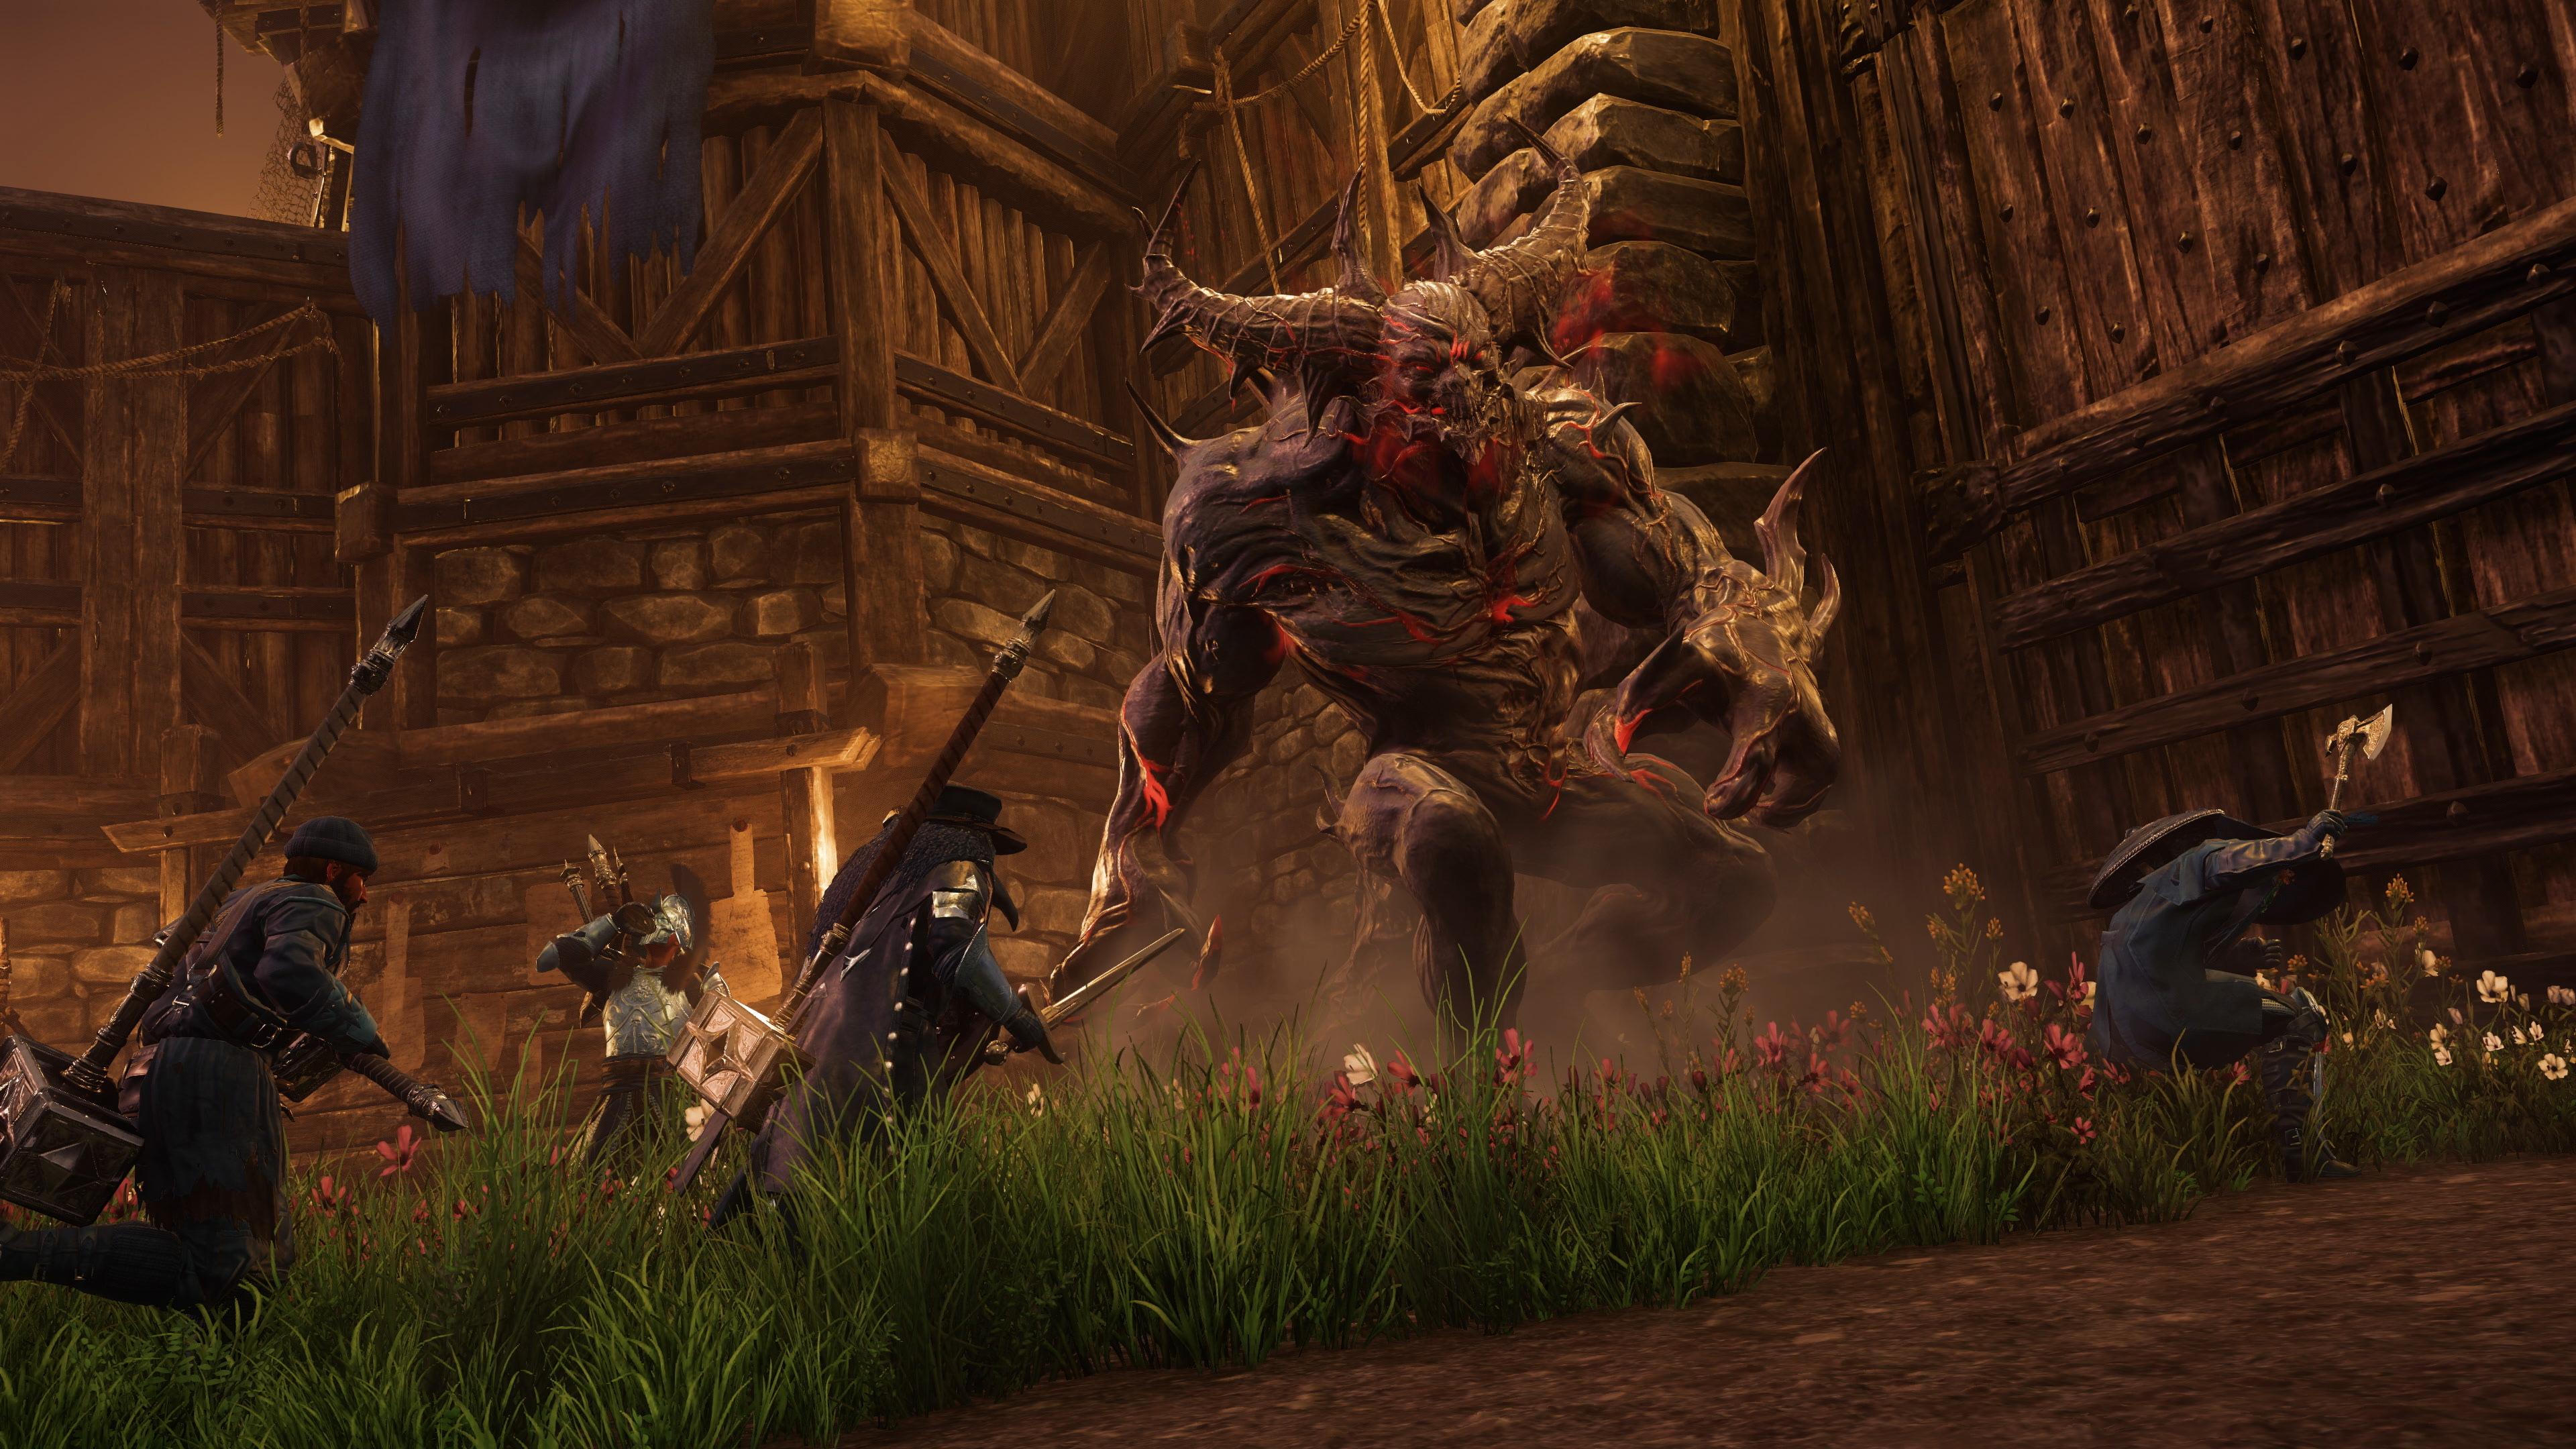 Oblężać będą graczy też wielkie potwory. Gdyby jeszcze gra walka nie była tak skopana... (źródło: Amazon Game Studios)